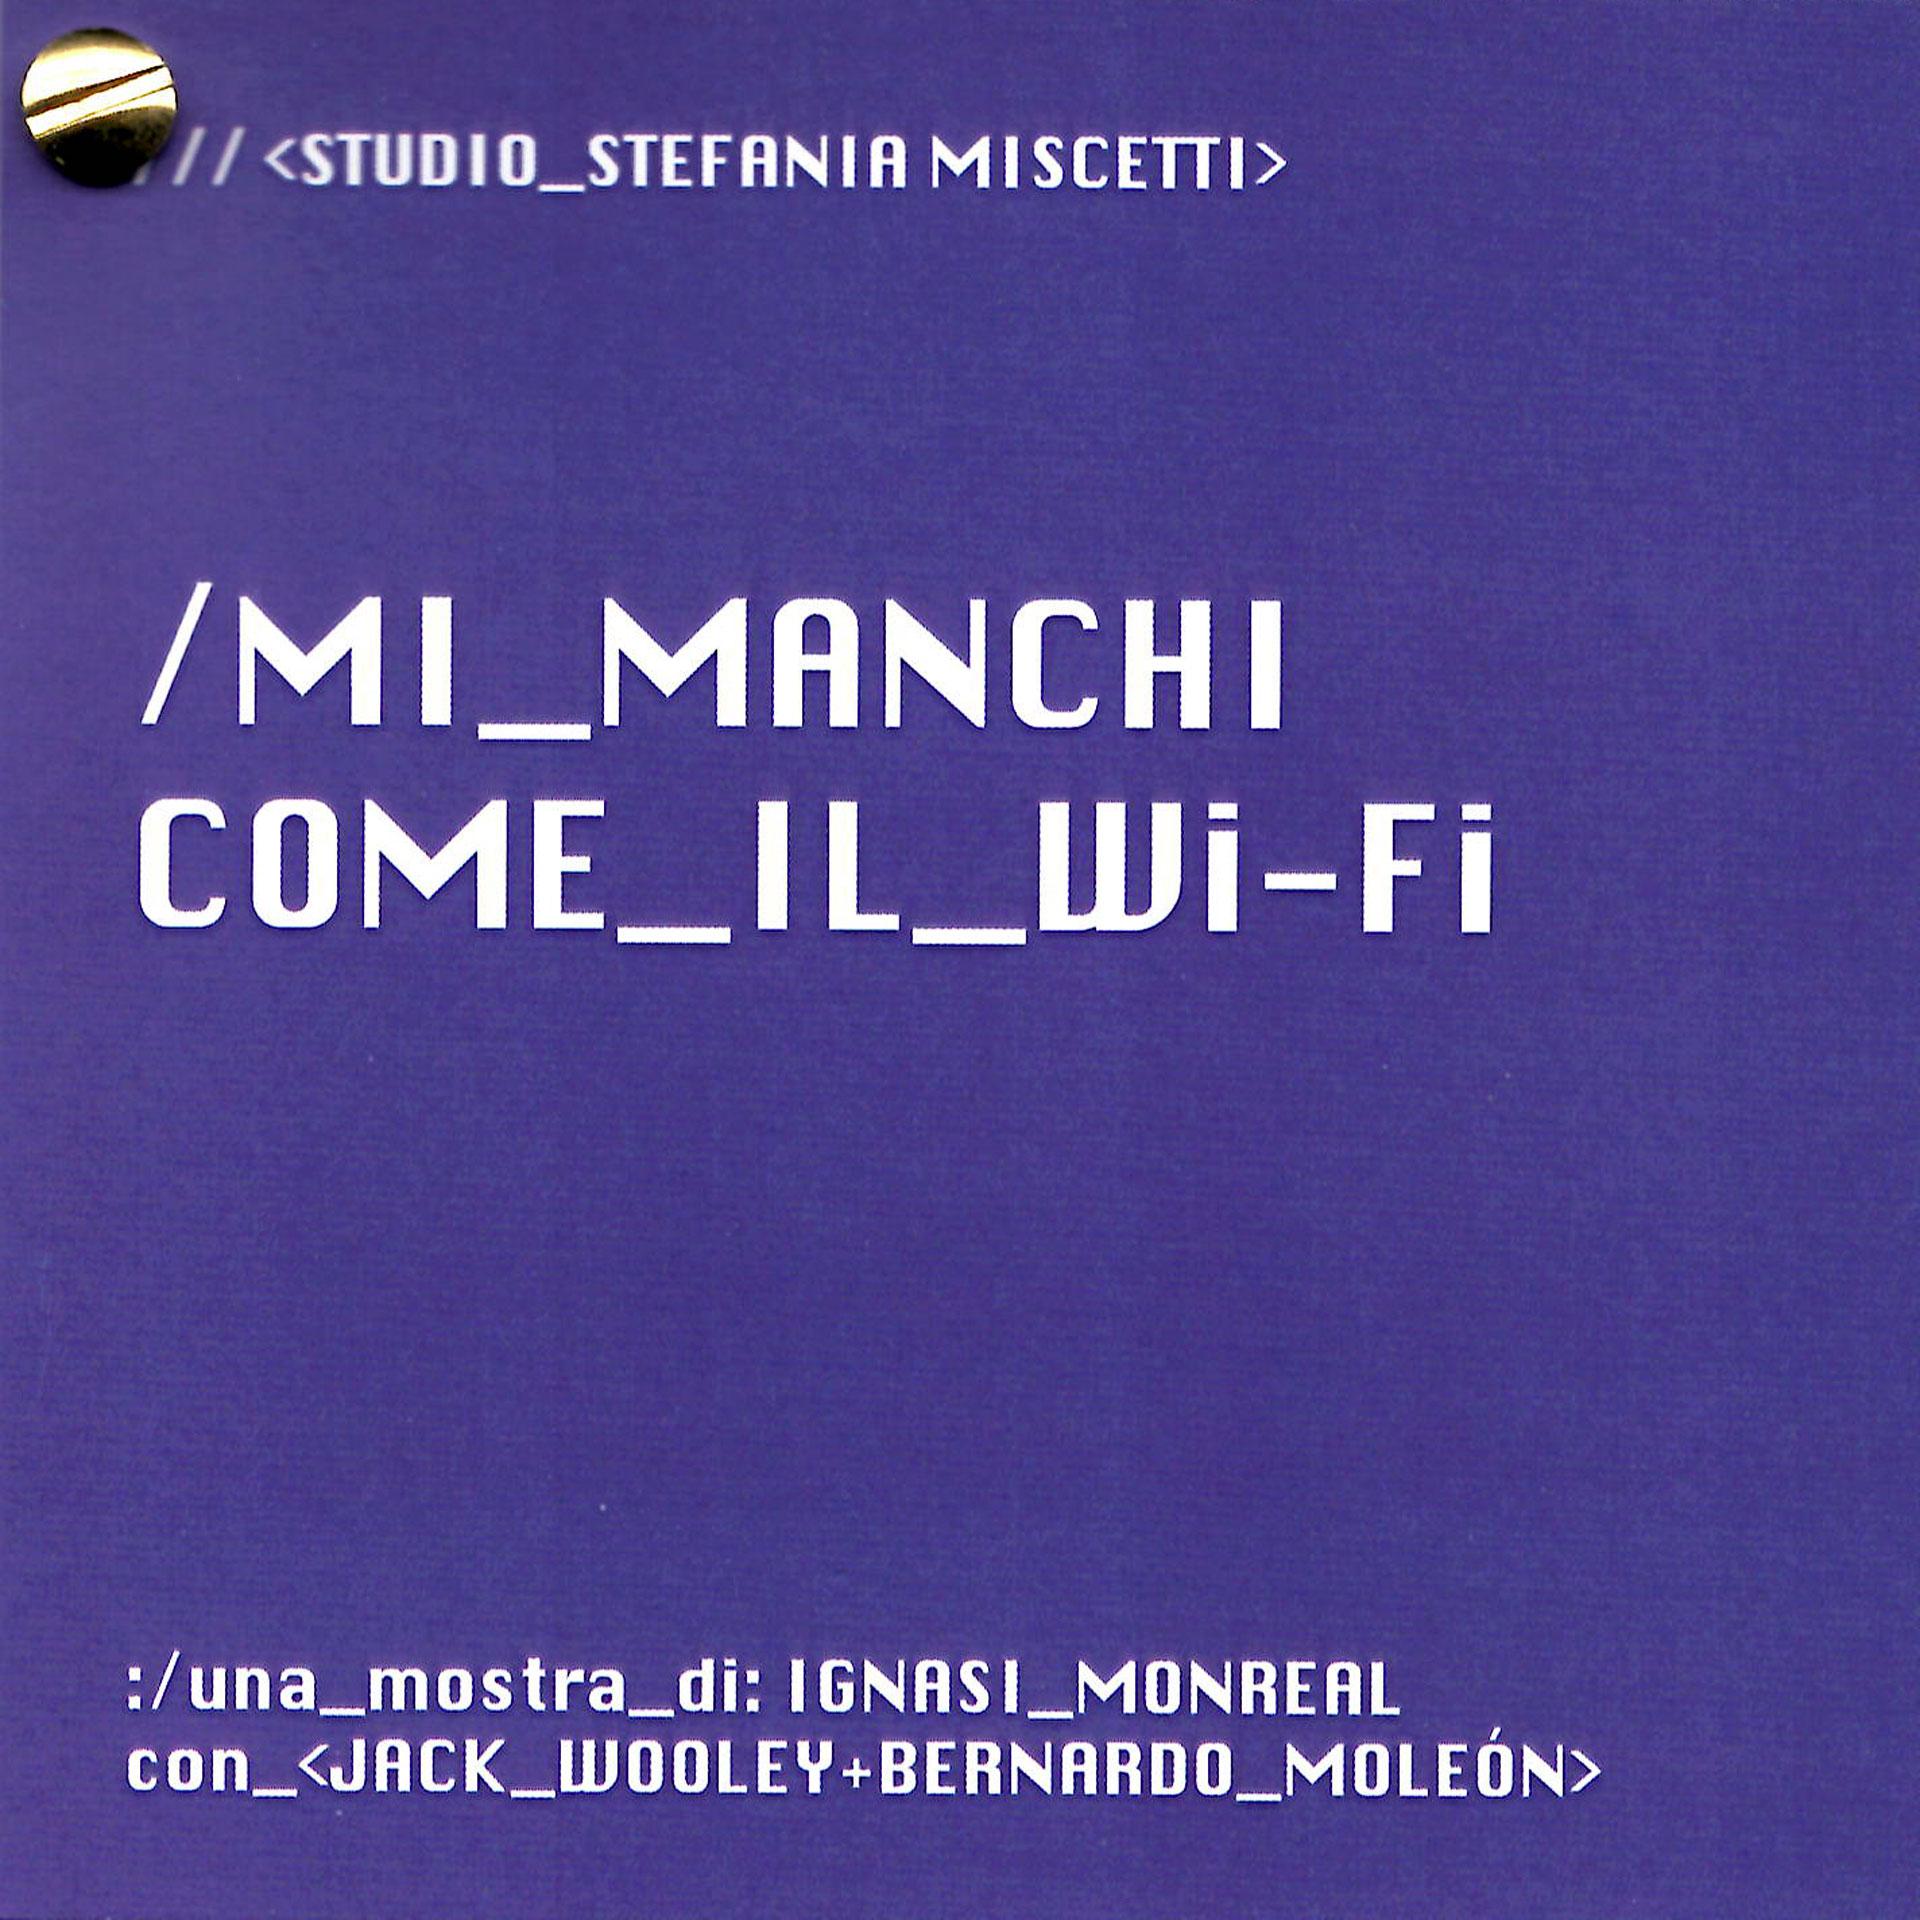 Studio Stefania Miscetti | Ignasi Monreal | Mi manchi come il wi-fi